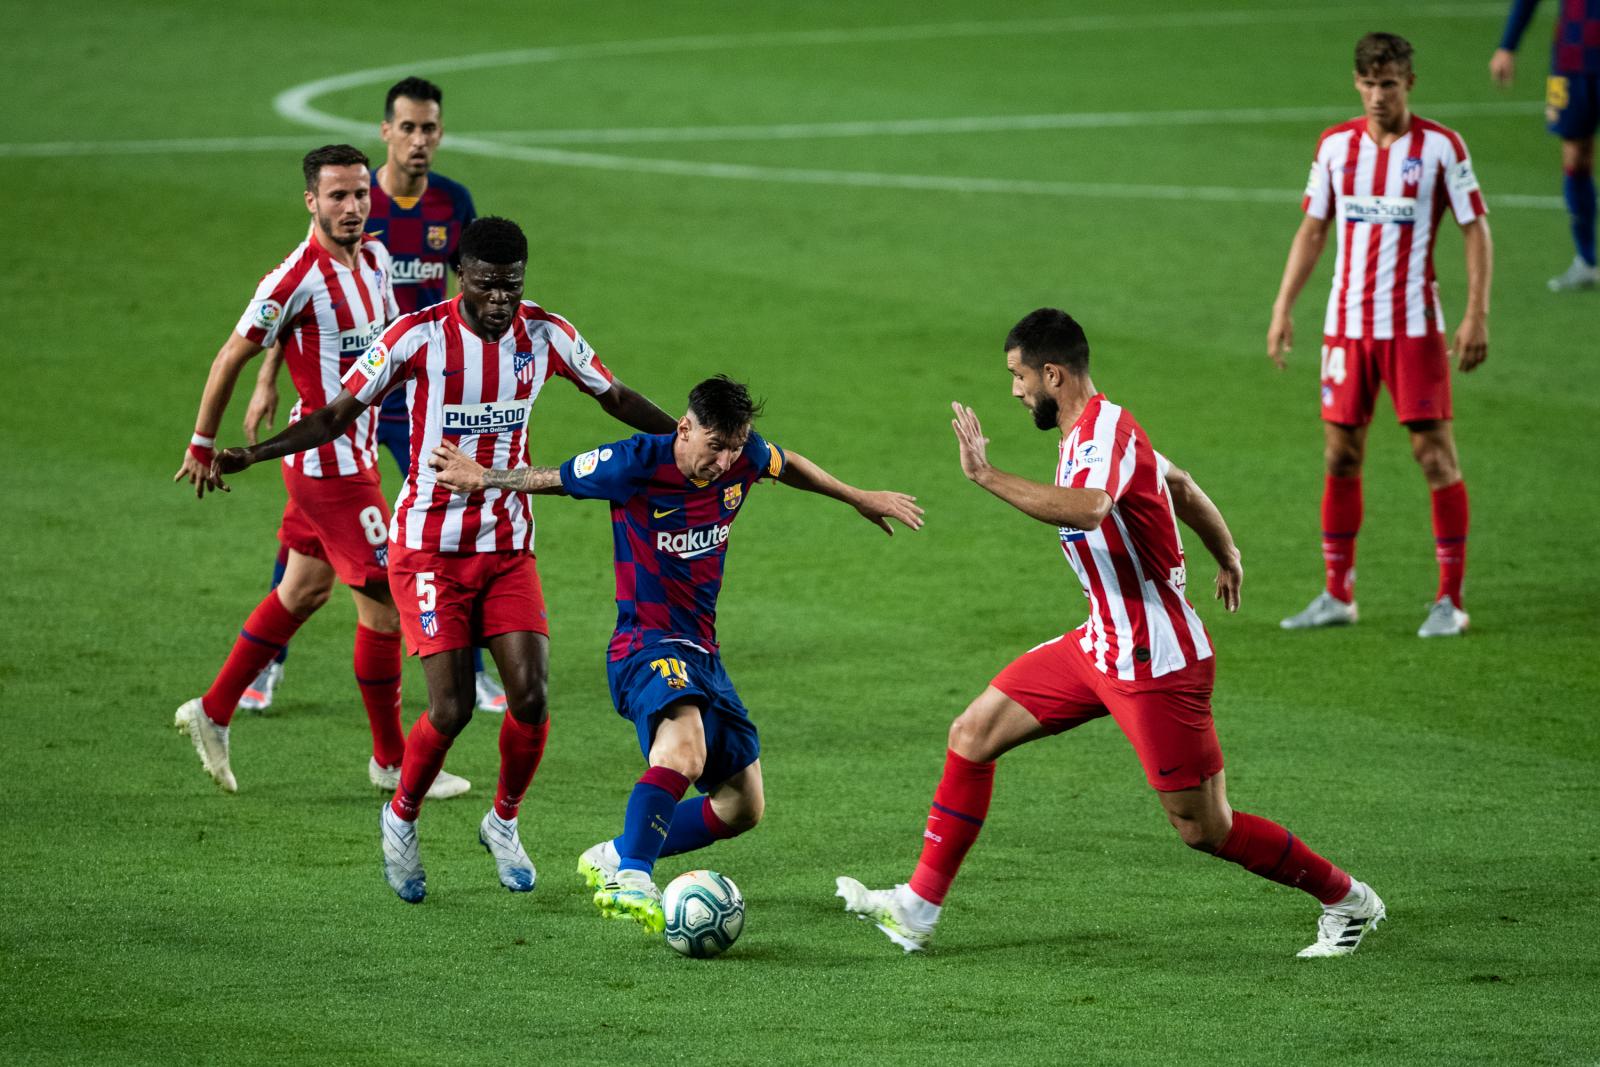 «Атлетико» Мадрид - «Мальорка»: прогноз на матч чемпионата Испании